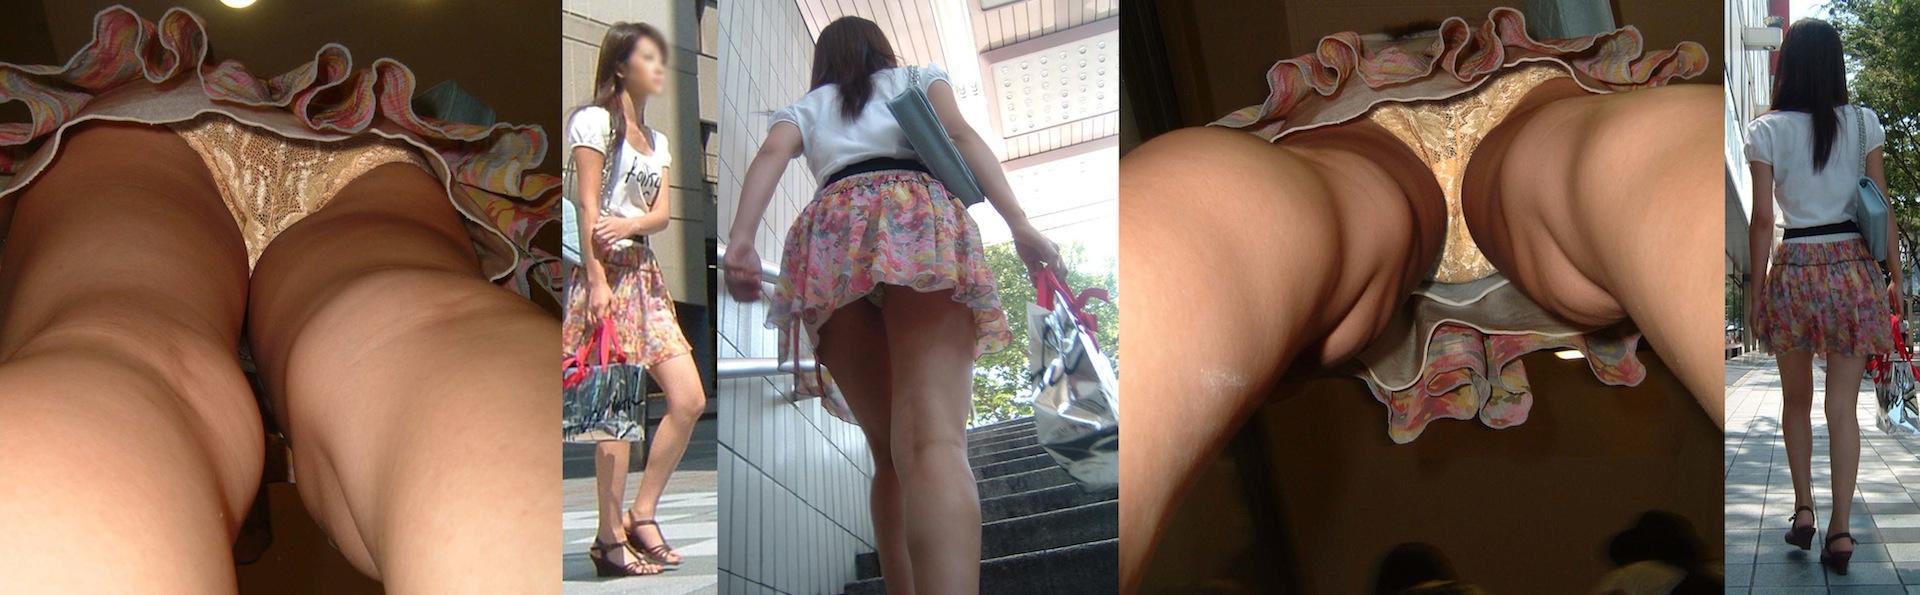 【パンチラエロ画像】履いてるパンツが本当の性格!真実を暴く逆さ撮りwww 15